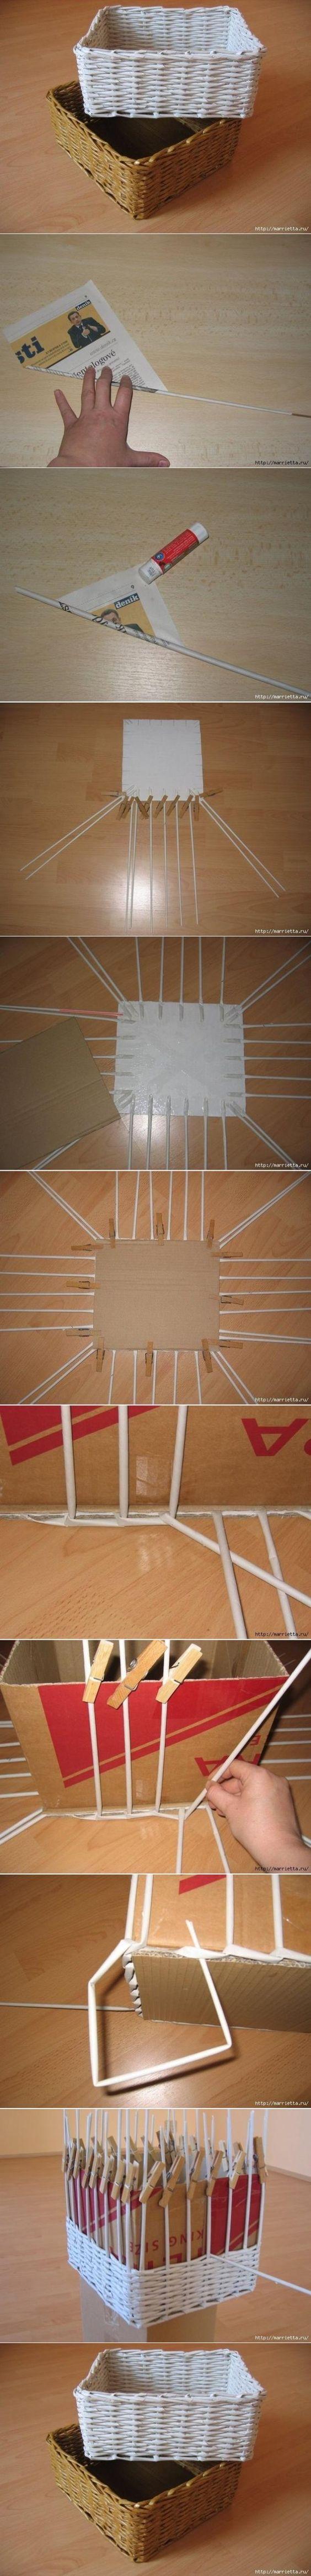 DIY Simple Newspaper Weave Basket: